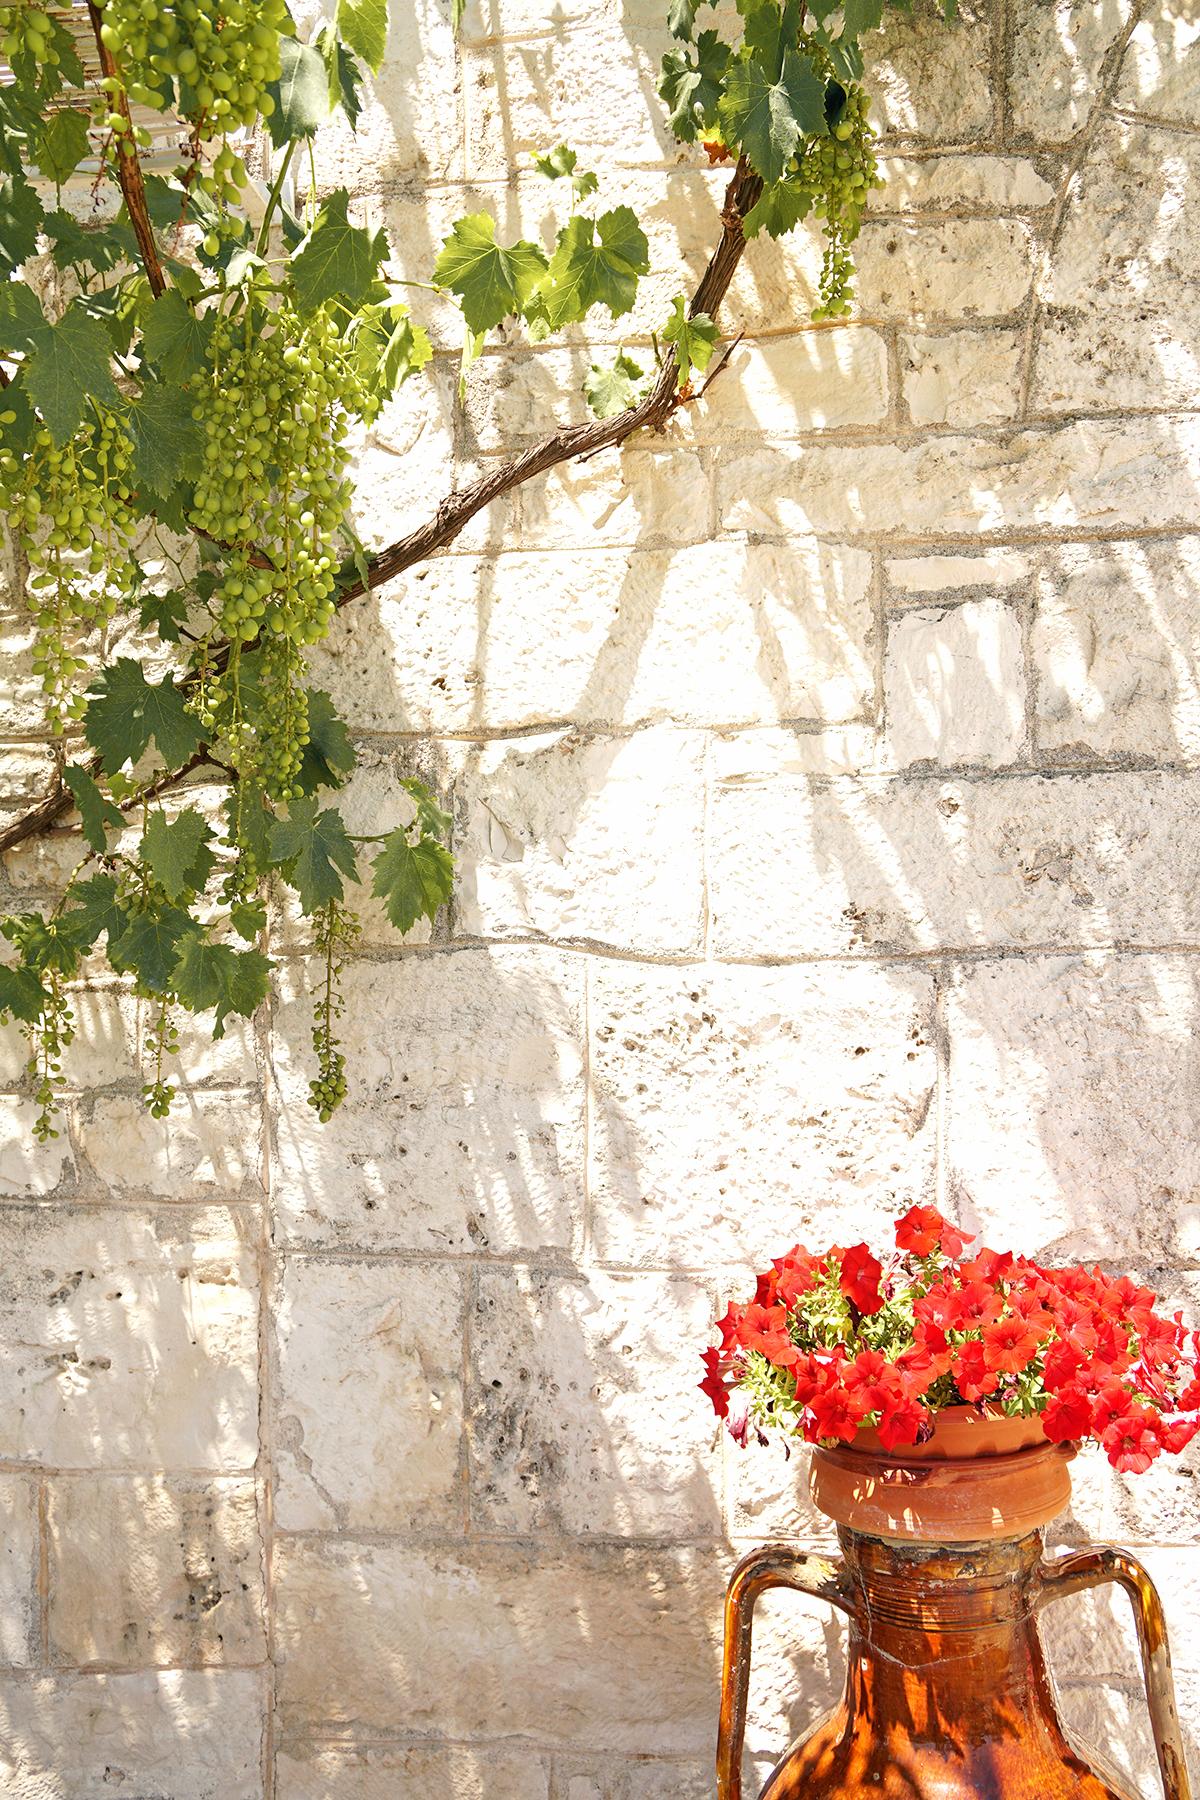 Fleurs en jarre et raisins